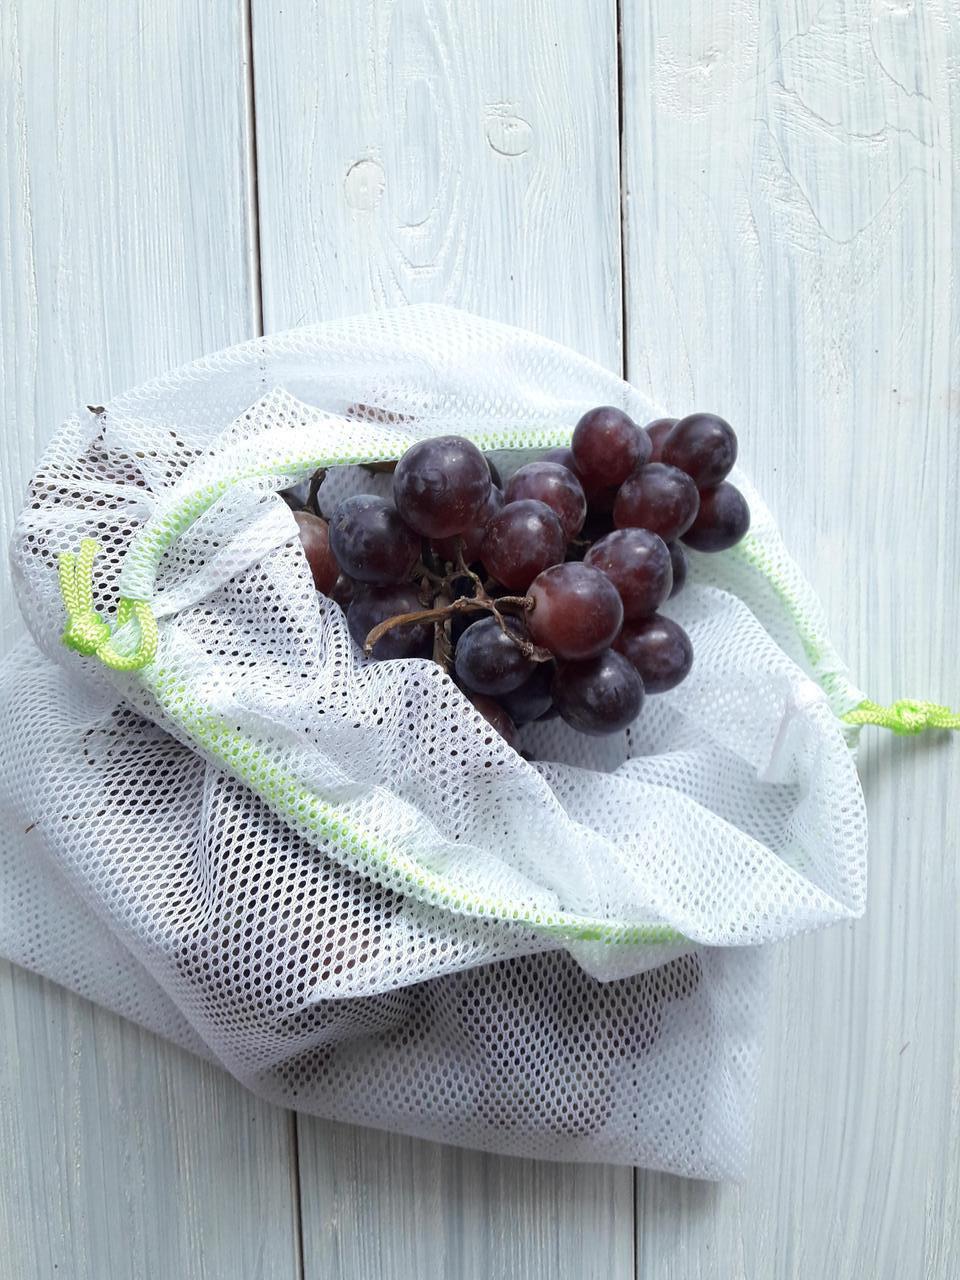 Синтетика. Многоразовый мешочек авоська для овощей и фруктов.